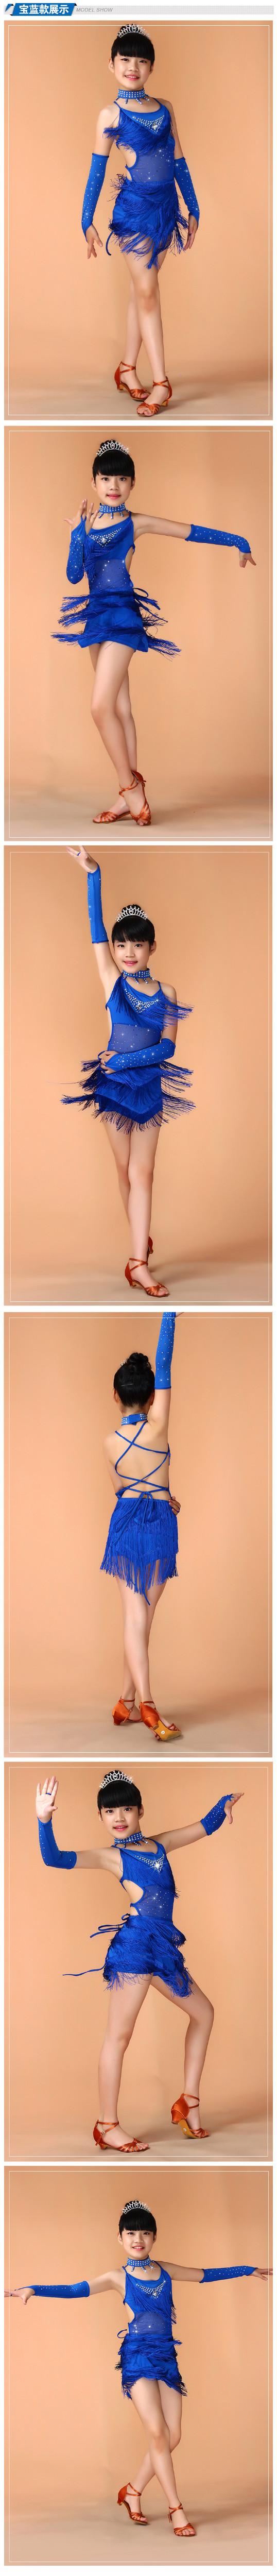 DB23707 latin salsa dance dress-3